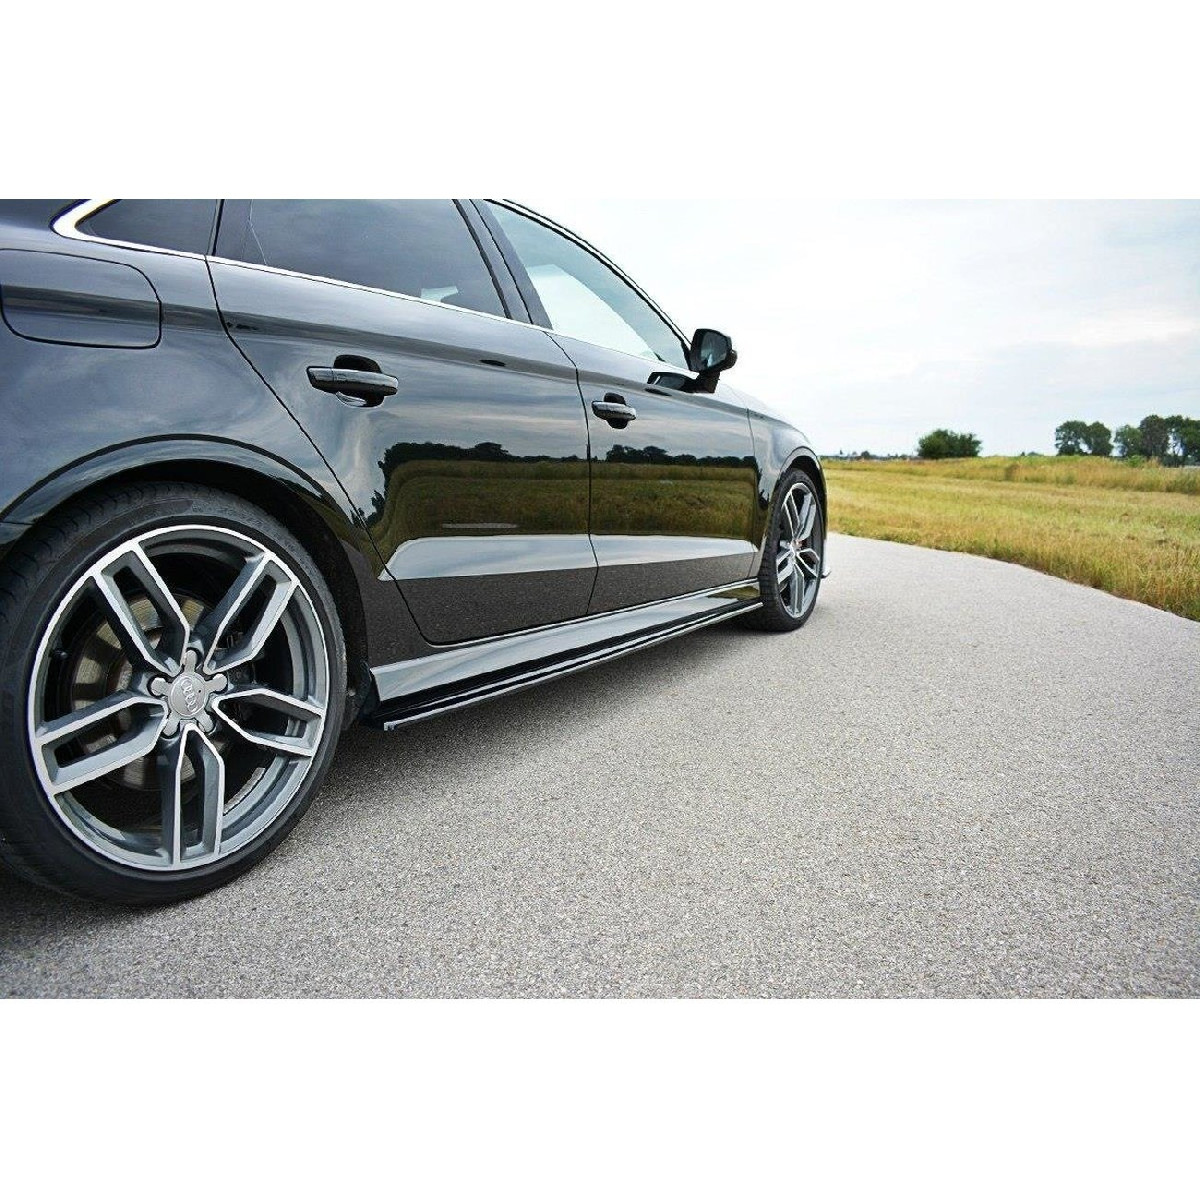 Seitenschweller Ansatz Cup Leisten für Audi S3 / A3 S-Line 8V / 8V FL Limousine schwarz matt